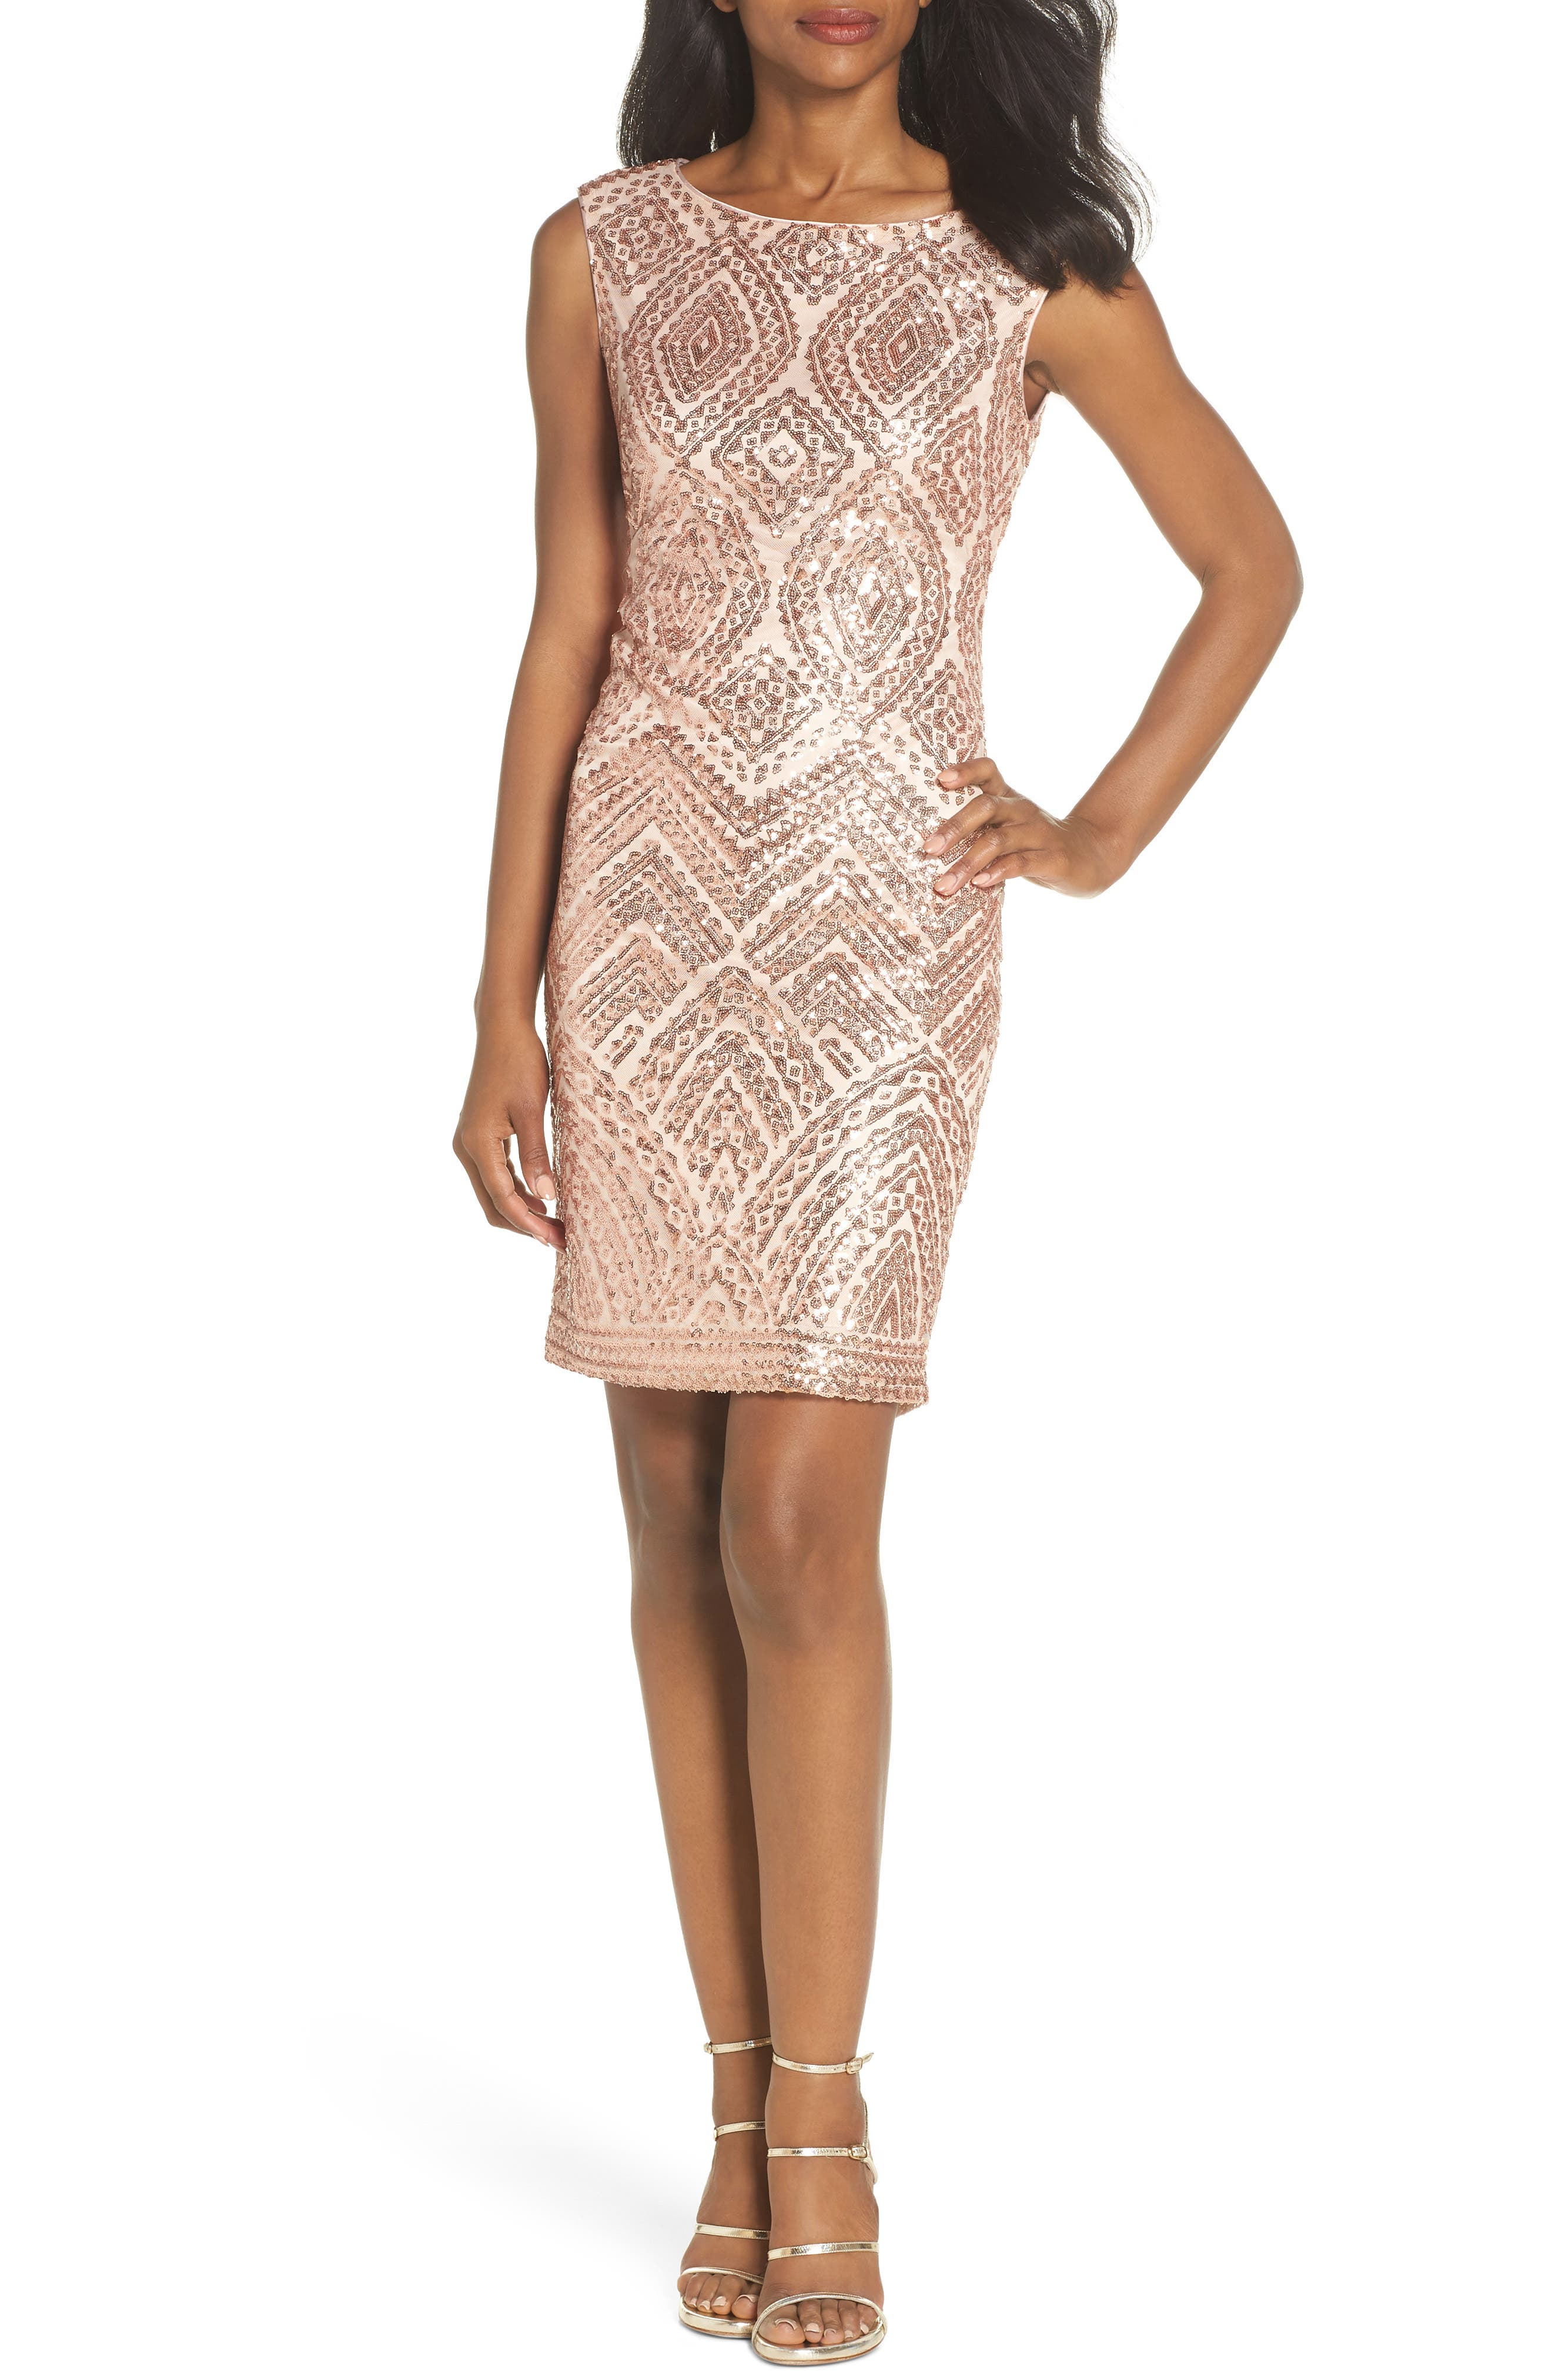 Vince Camuto Sequin Embellished Cocktail Dress, Beige